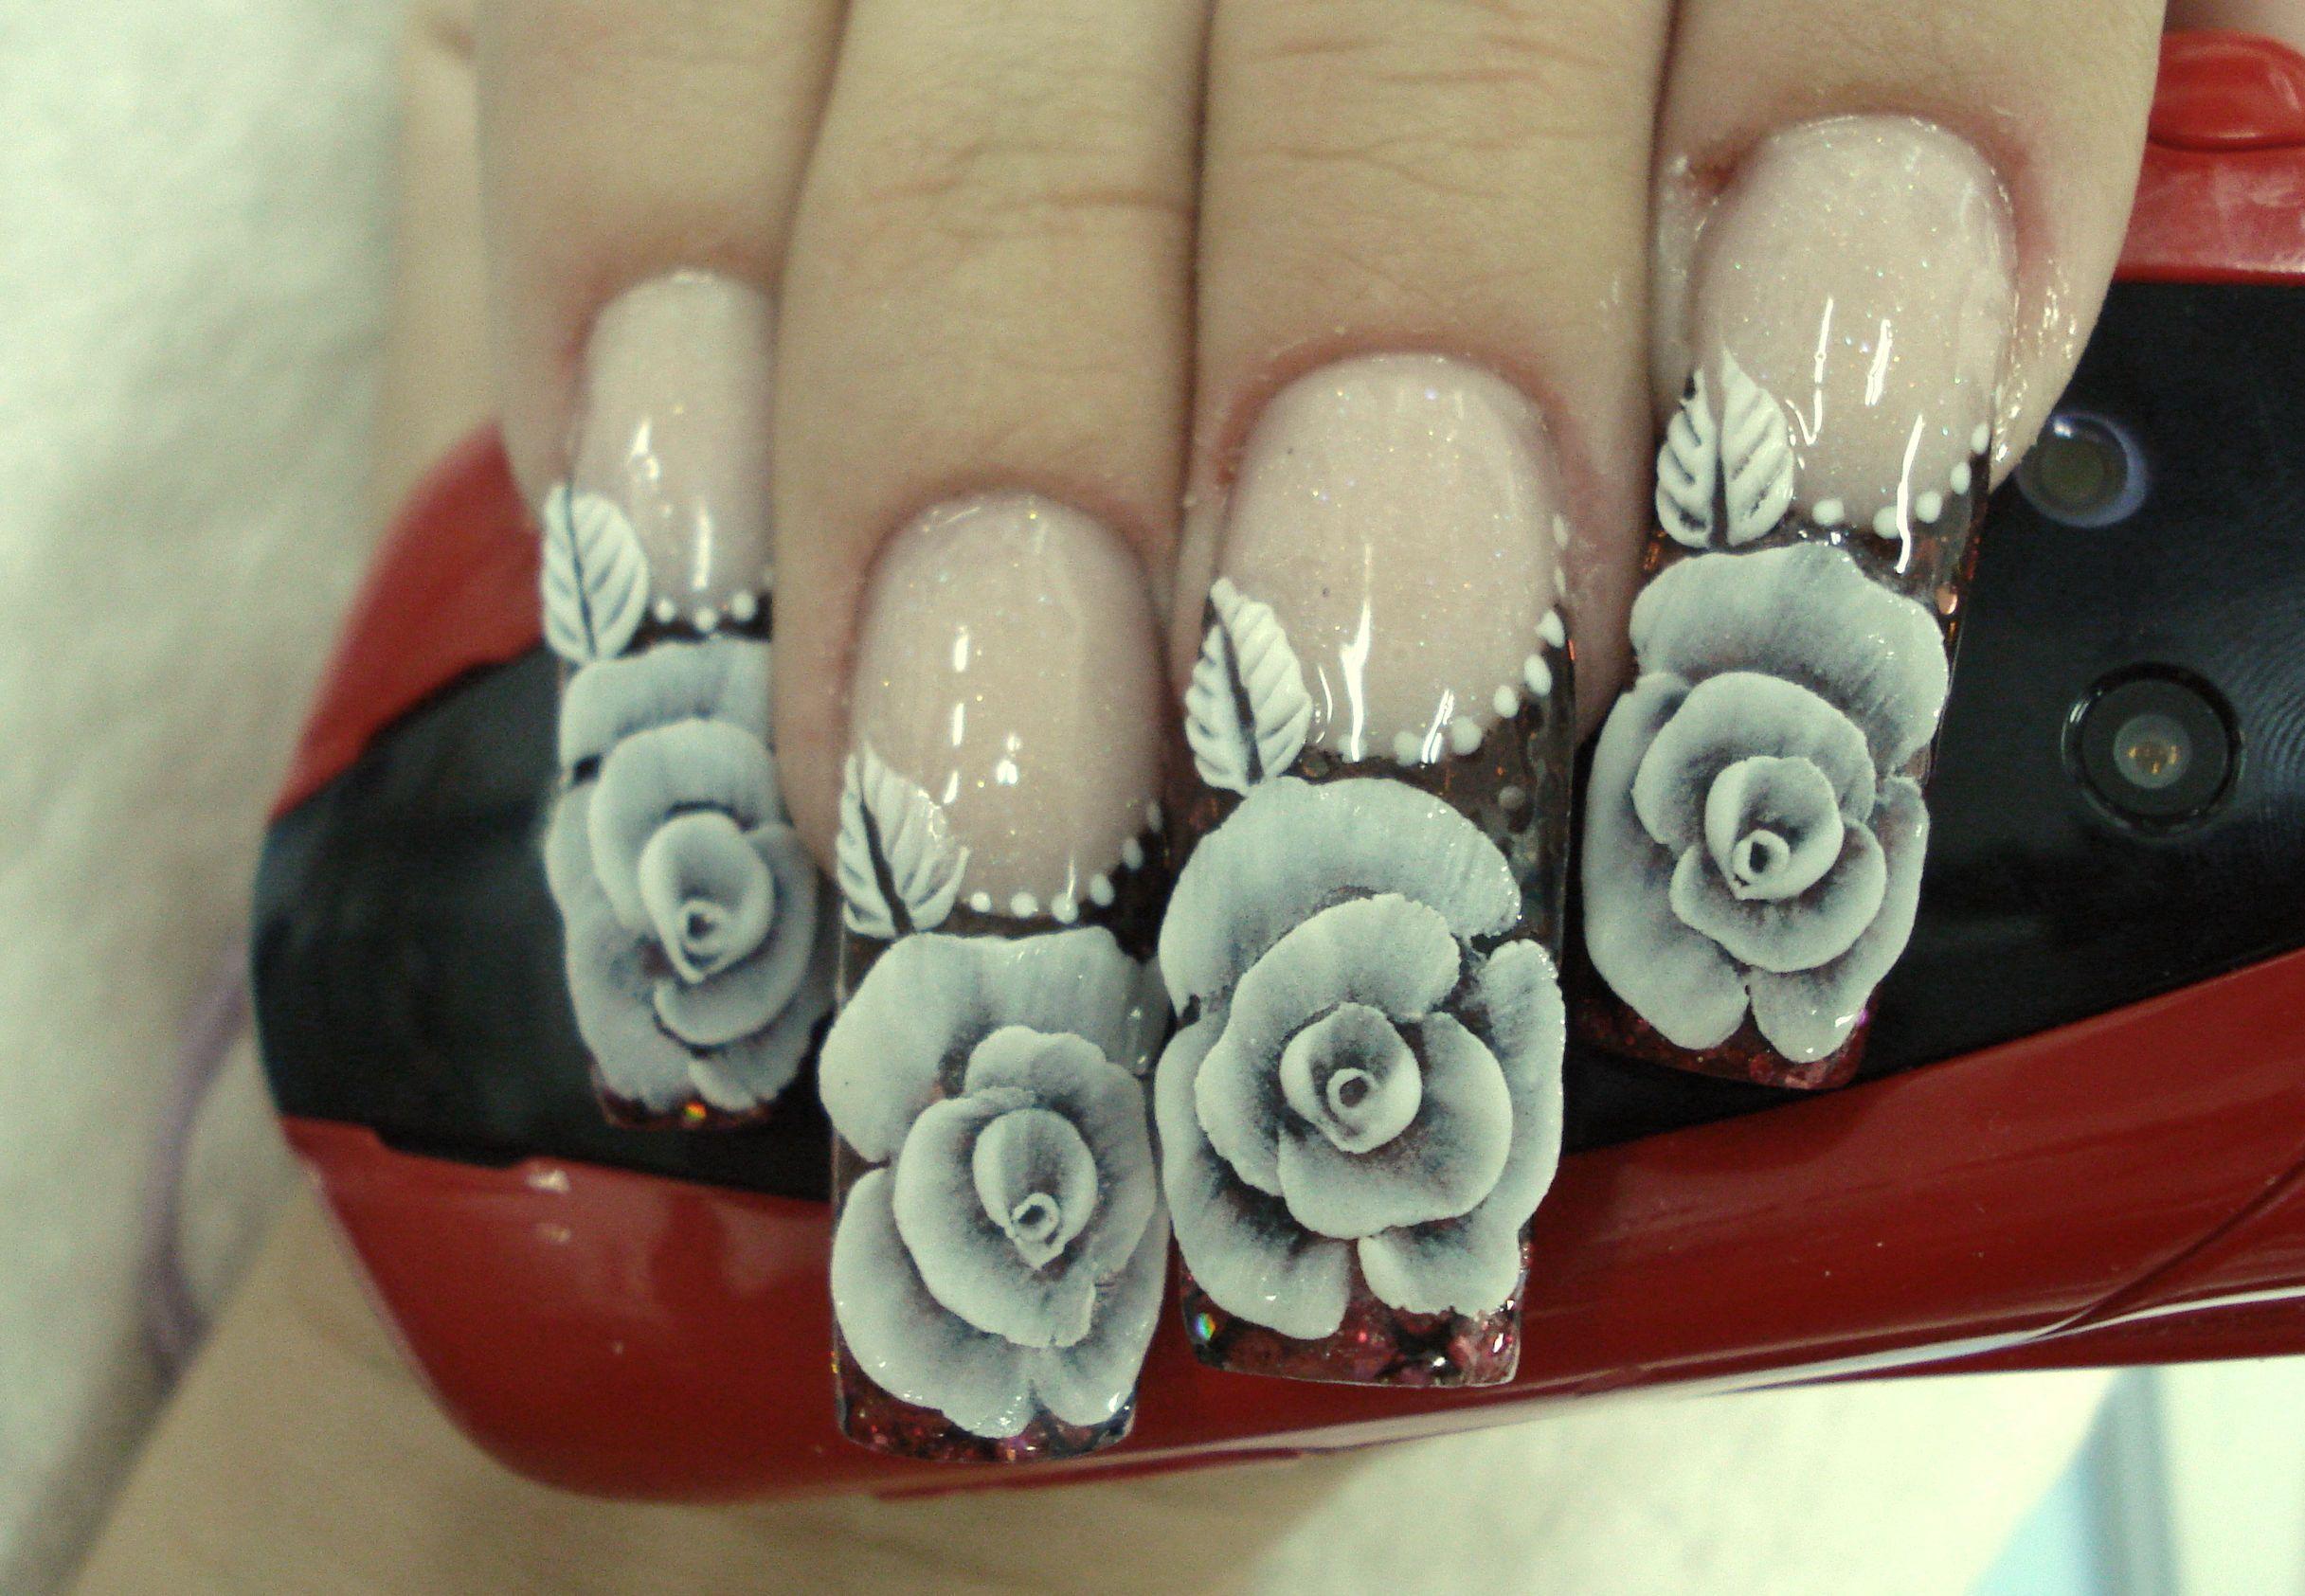 Arte en uñas | Ejemplos | Pinterest | Uñas acrílico, Estilista y Arte